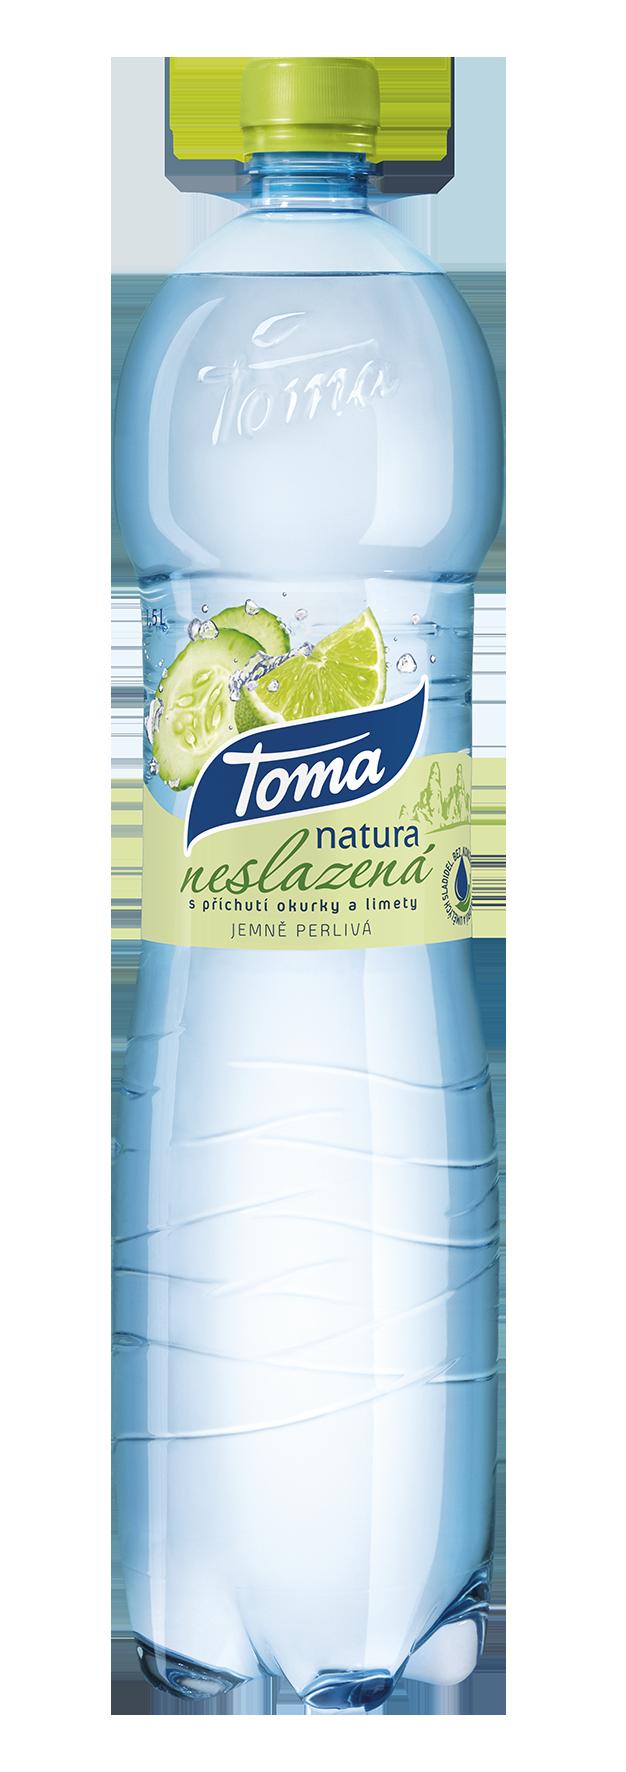 Toma Neslazená Okurka-Limetka